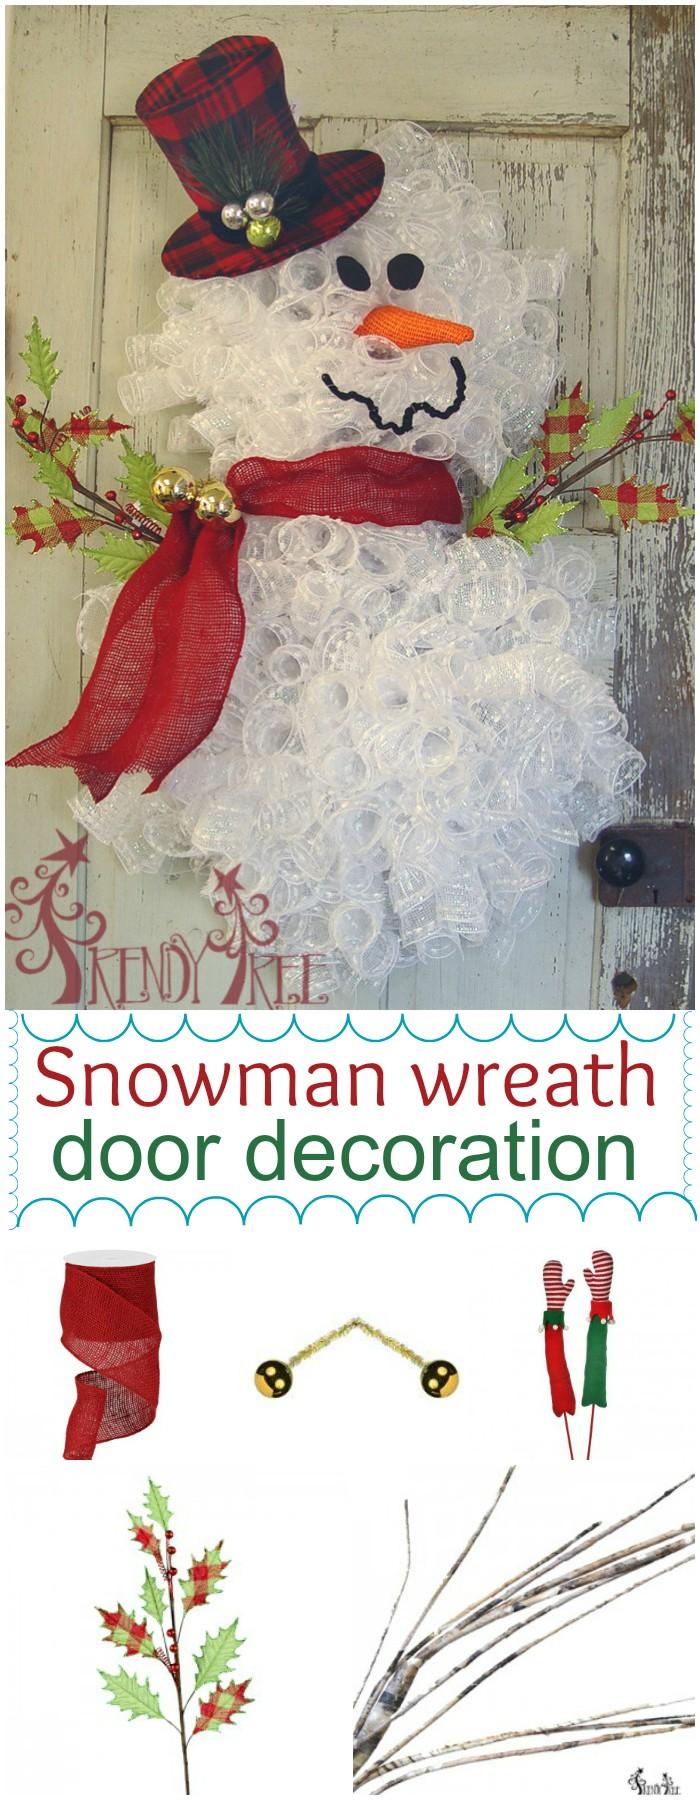 Snowman wreath door decoration